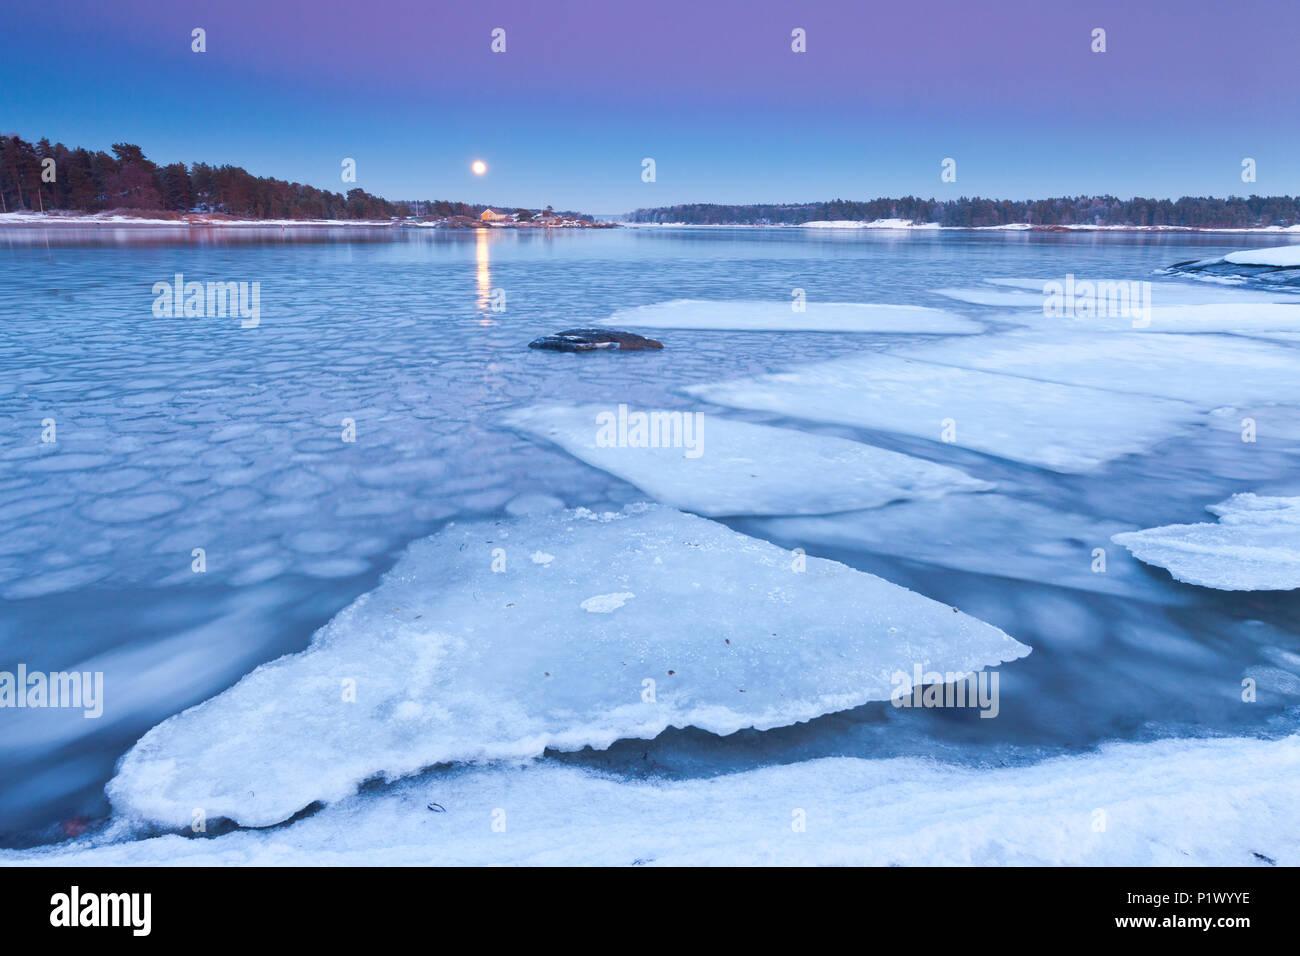 Aufgehenden Mond an einem kalten Winterabend am Oslofjord, im Ofen in Råde, Østfold Norwegen. Stockfoto